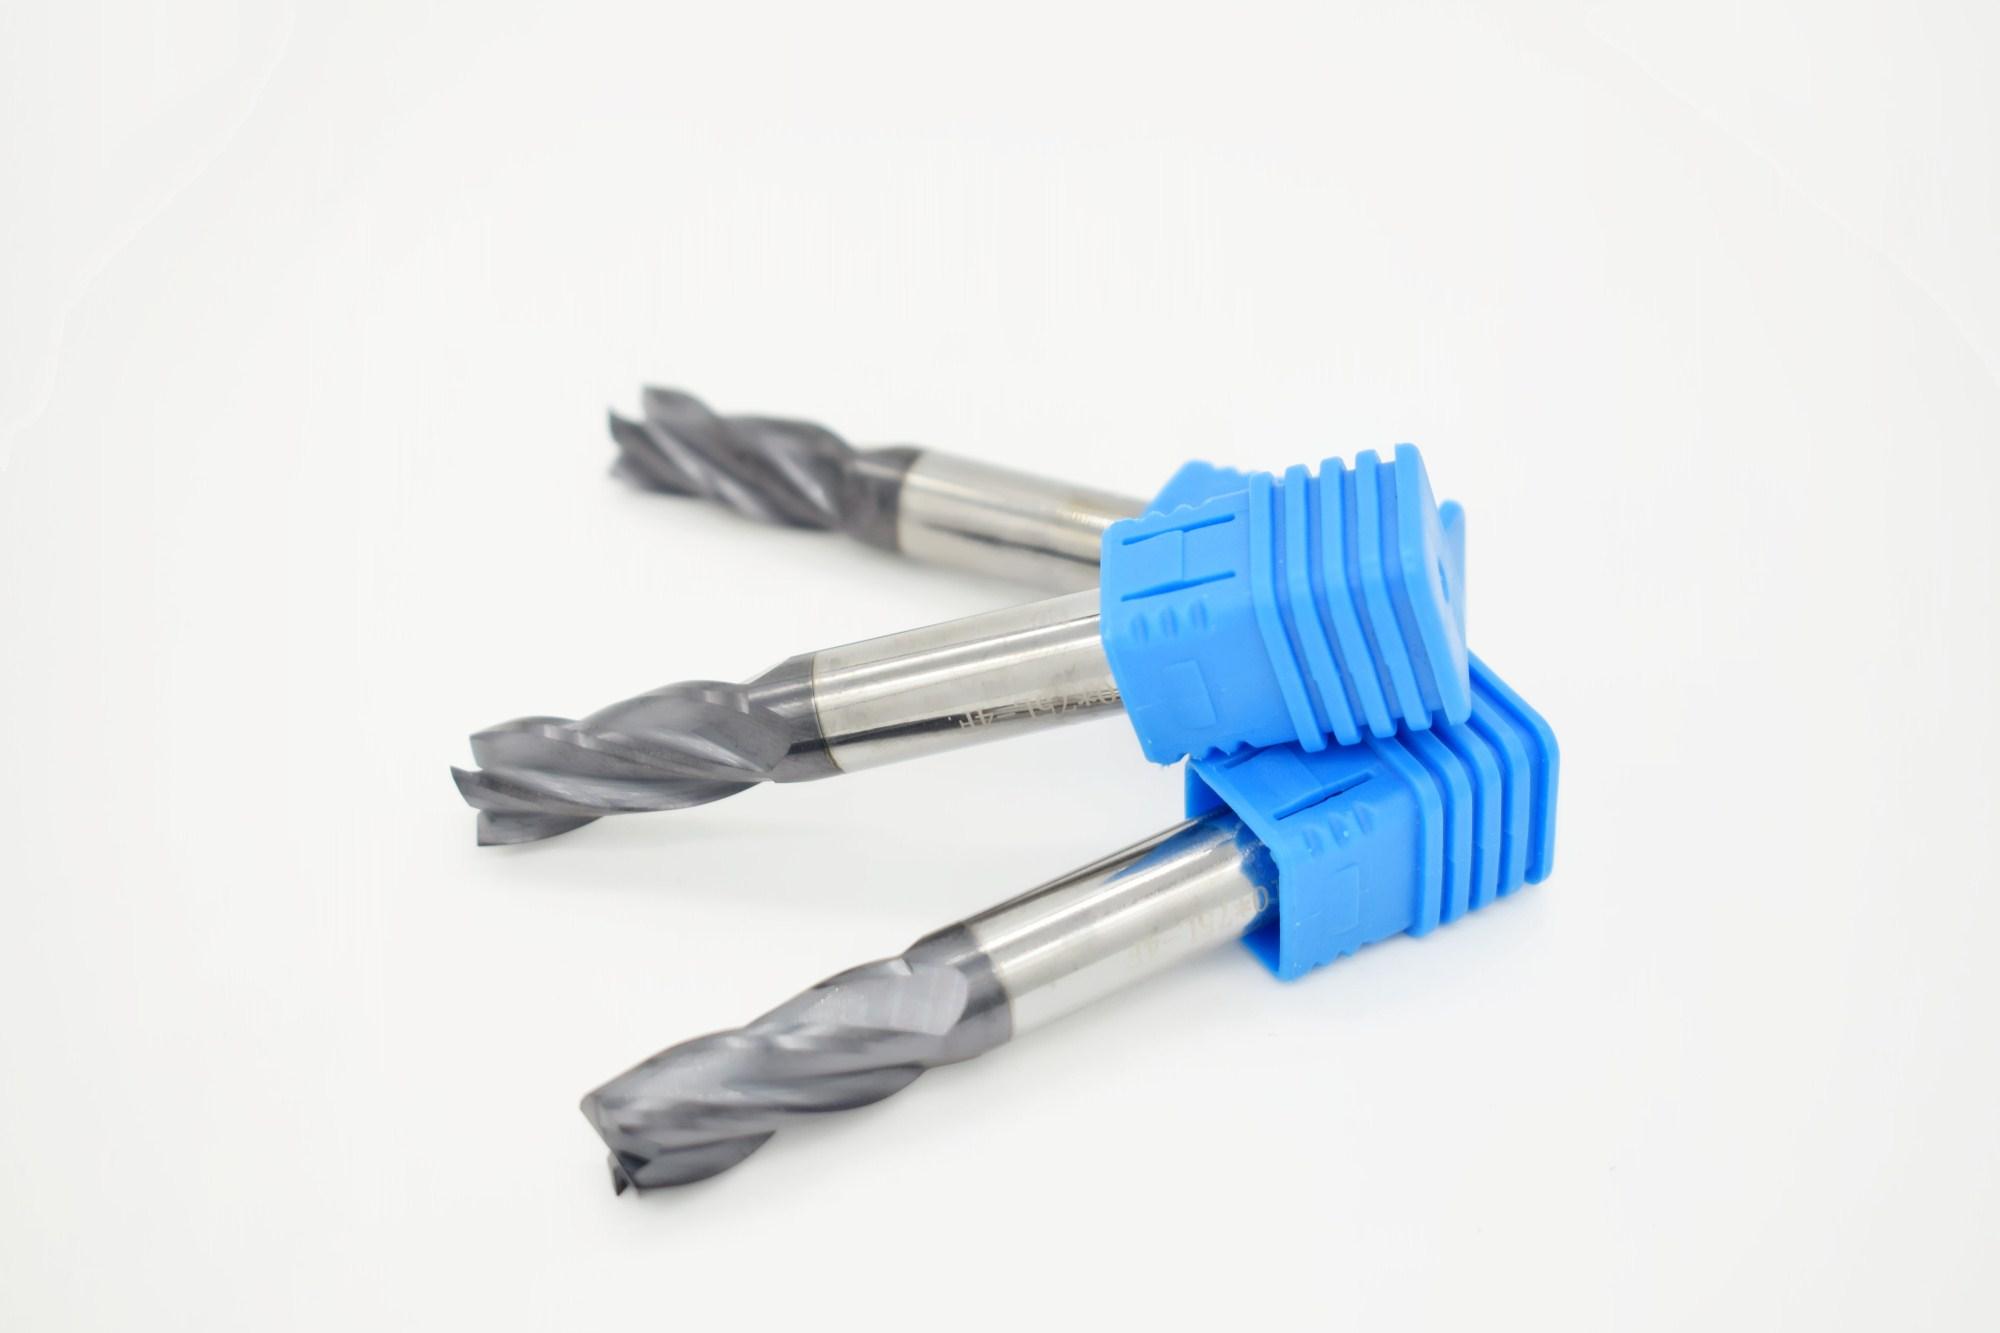 东莞专业的XLM希利迈不锈钢专用铣刀_厂家直销_实用的不锈钢专用铣刀